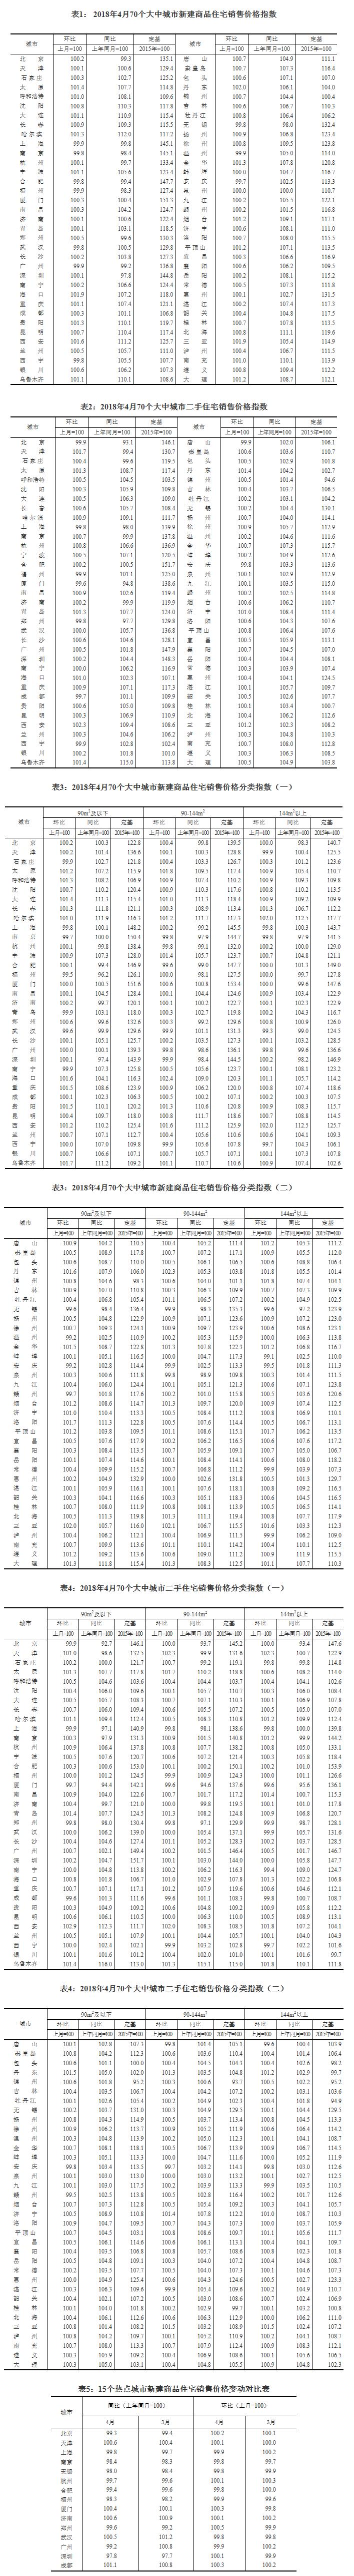 中国国家统计局发布70个大中城市最新房价变动情况统计数据